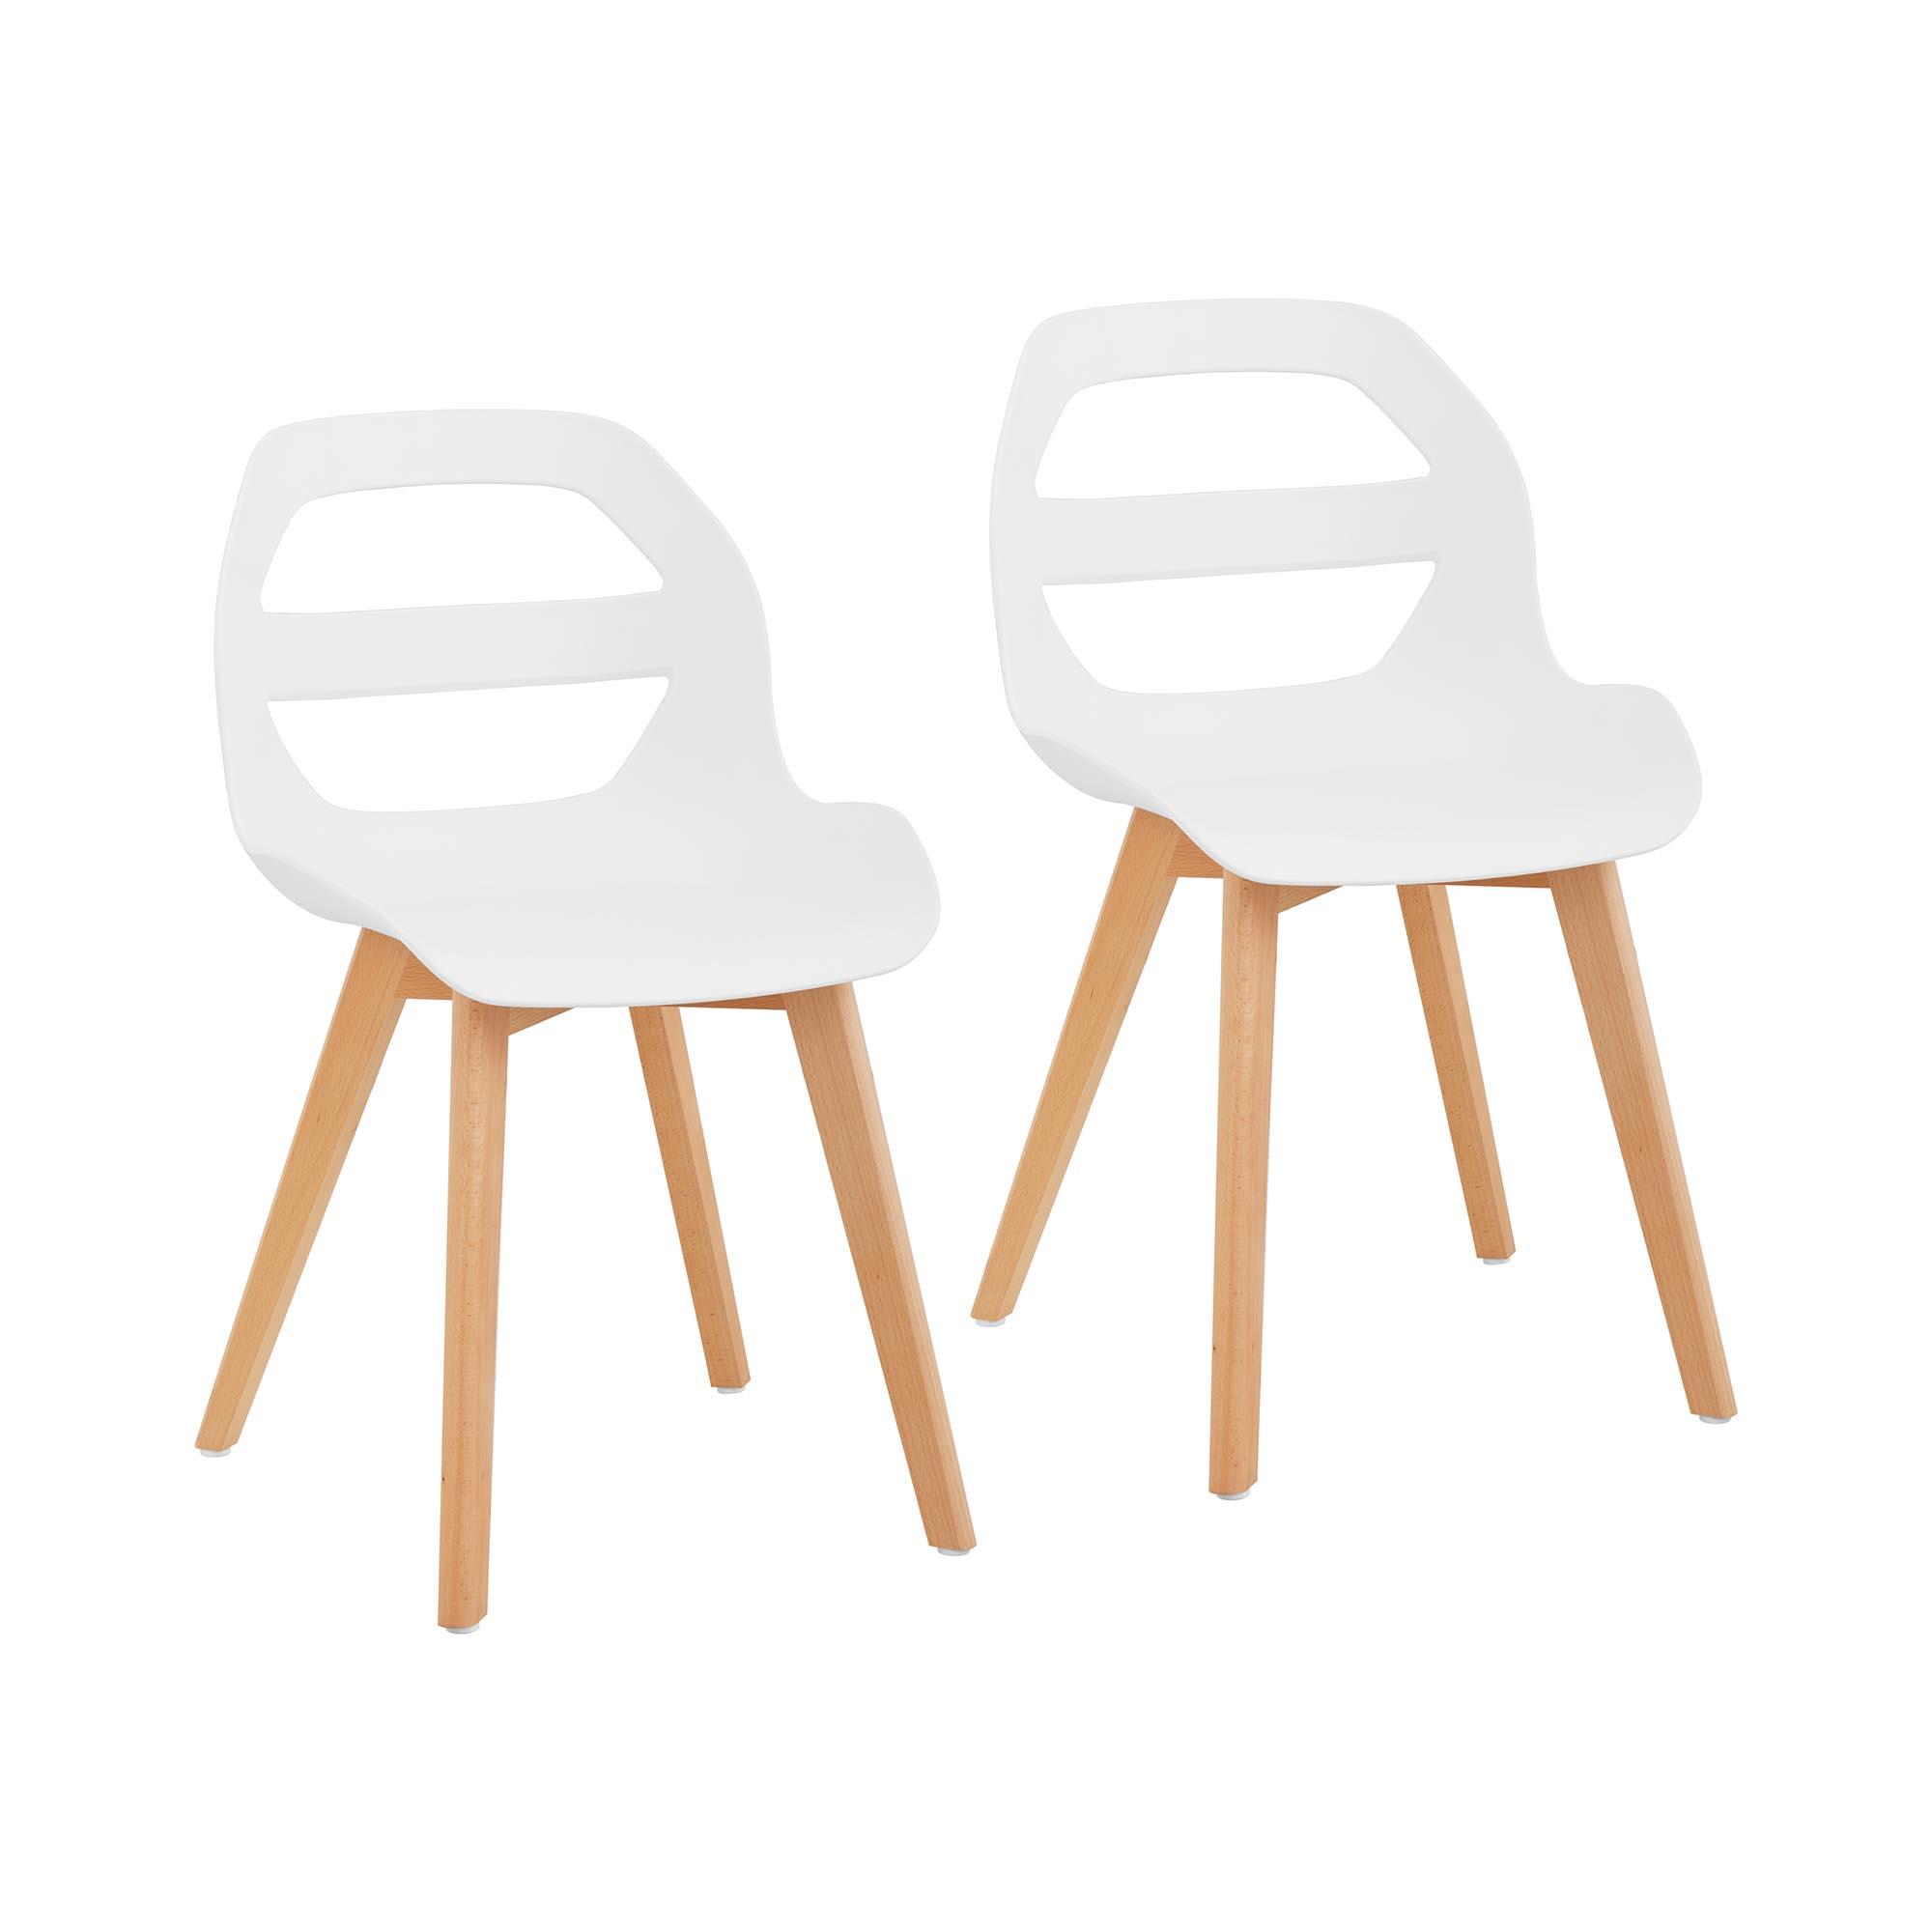 Fromm & Starck Stuhl - 2er Set - bis 150 kg - Sitzfläche 40 x 38 cm - weiß STAR_SEAT_15